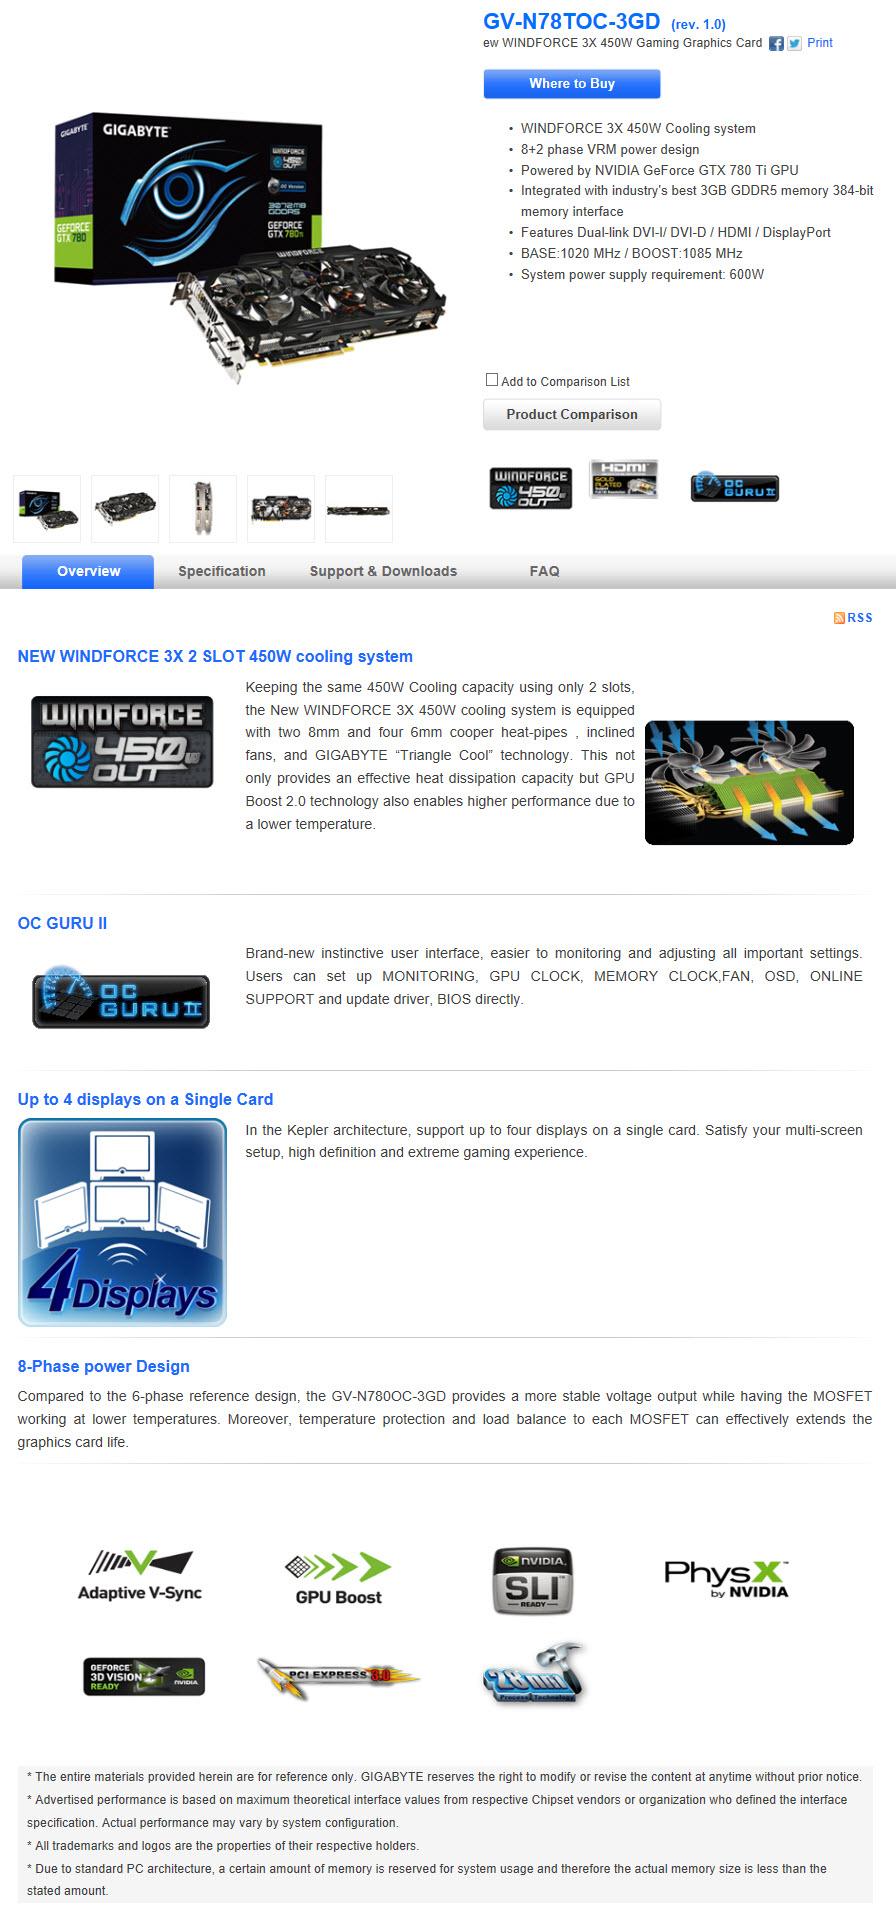 หน้าที่ 1 - GIGABYTE GeForce GTX 780 Ti GHz Edition WINDFORCE Review